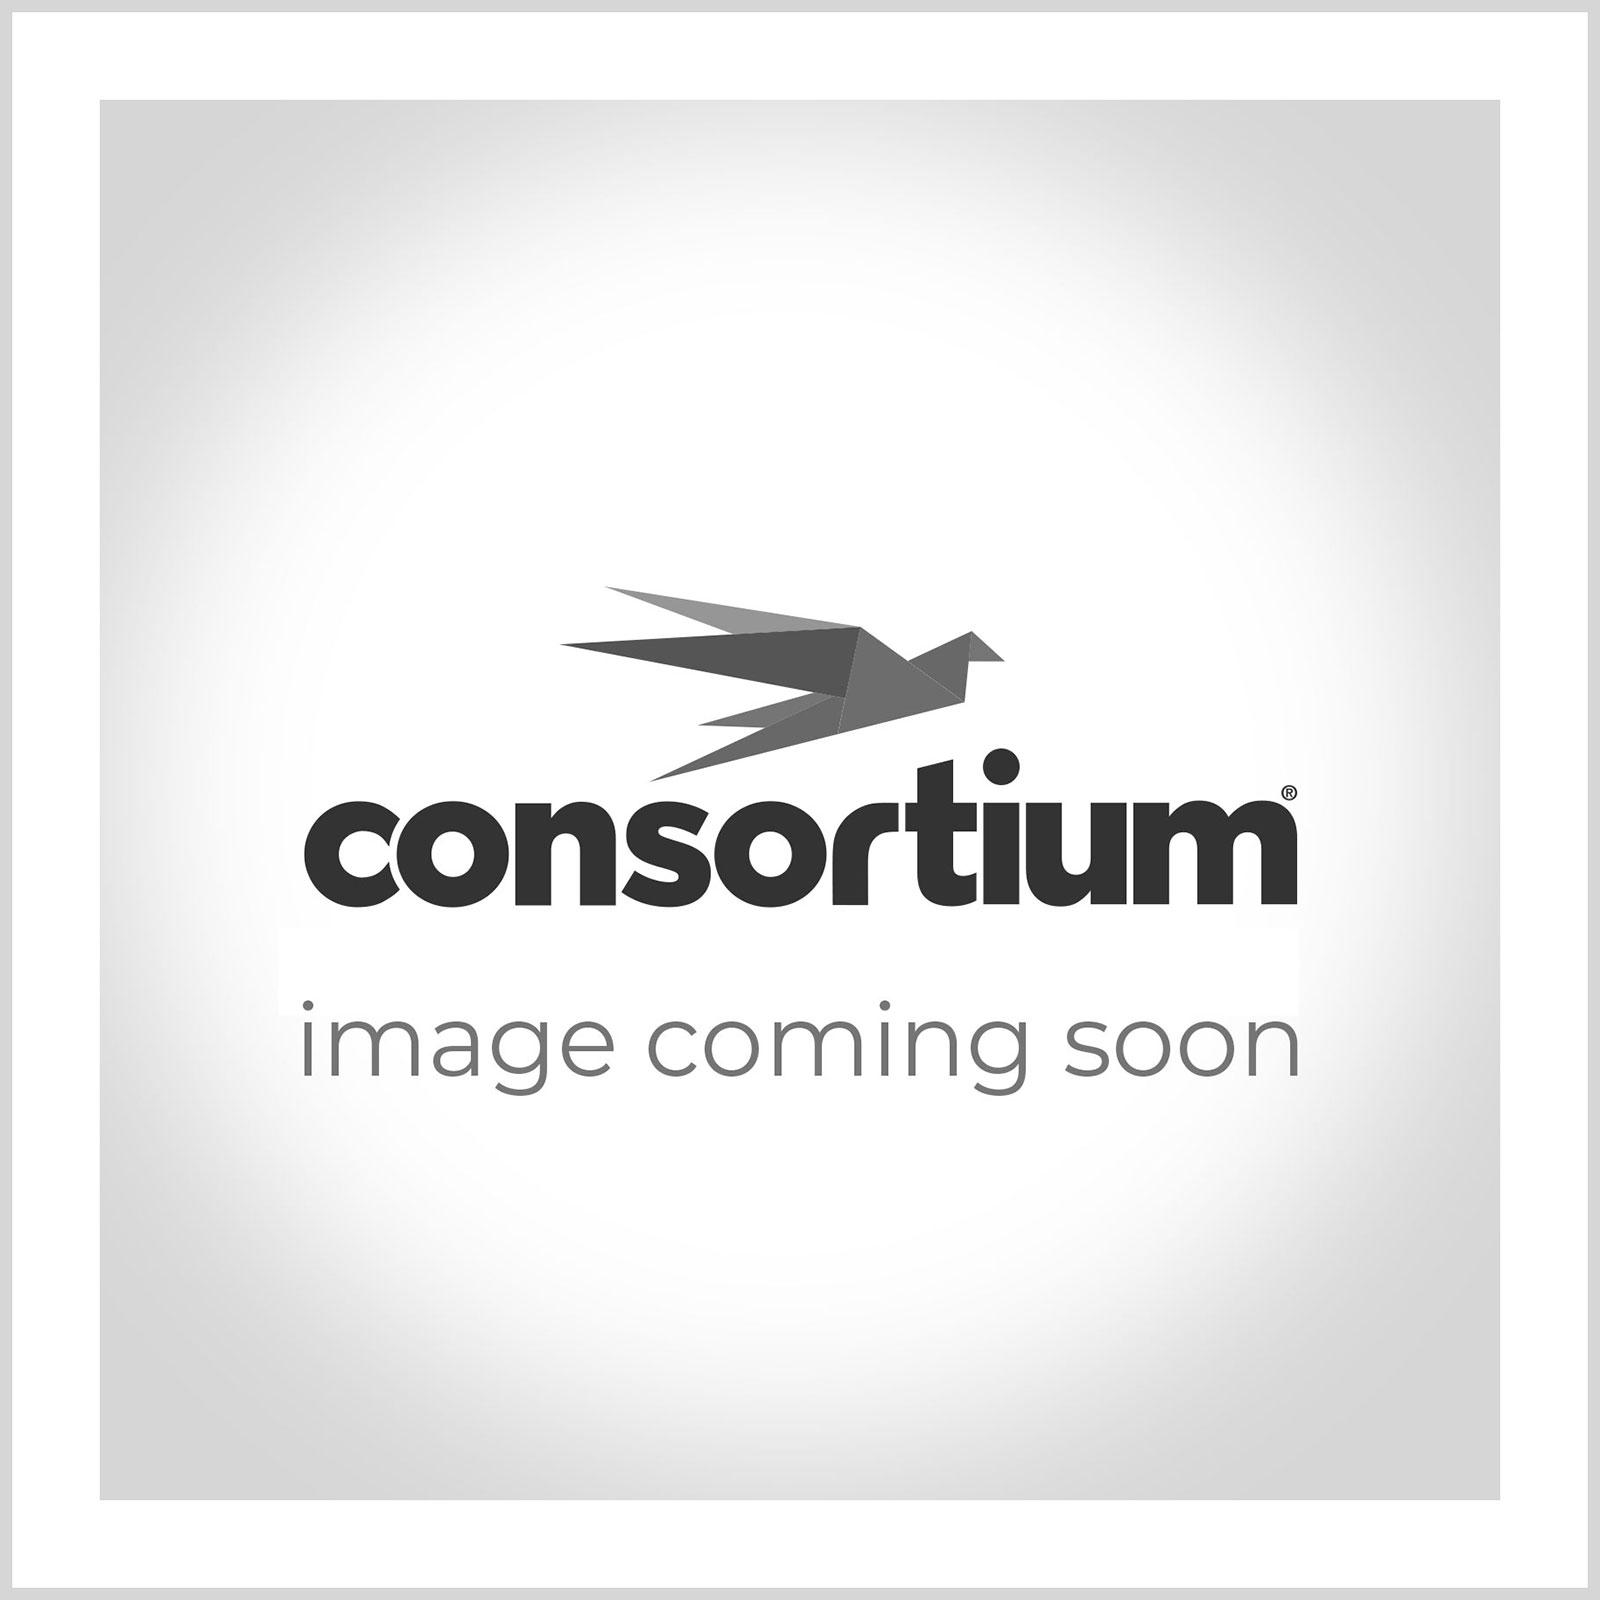 Consortium Multi-Coloured Paper Clips